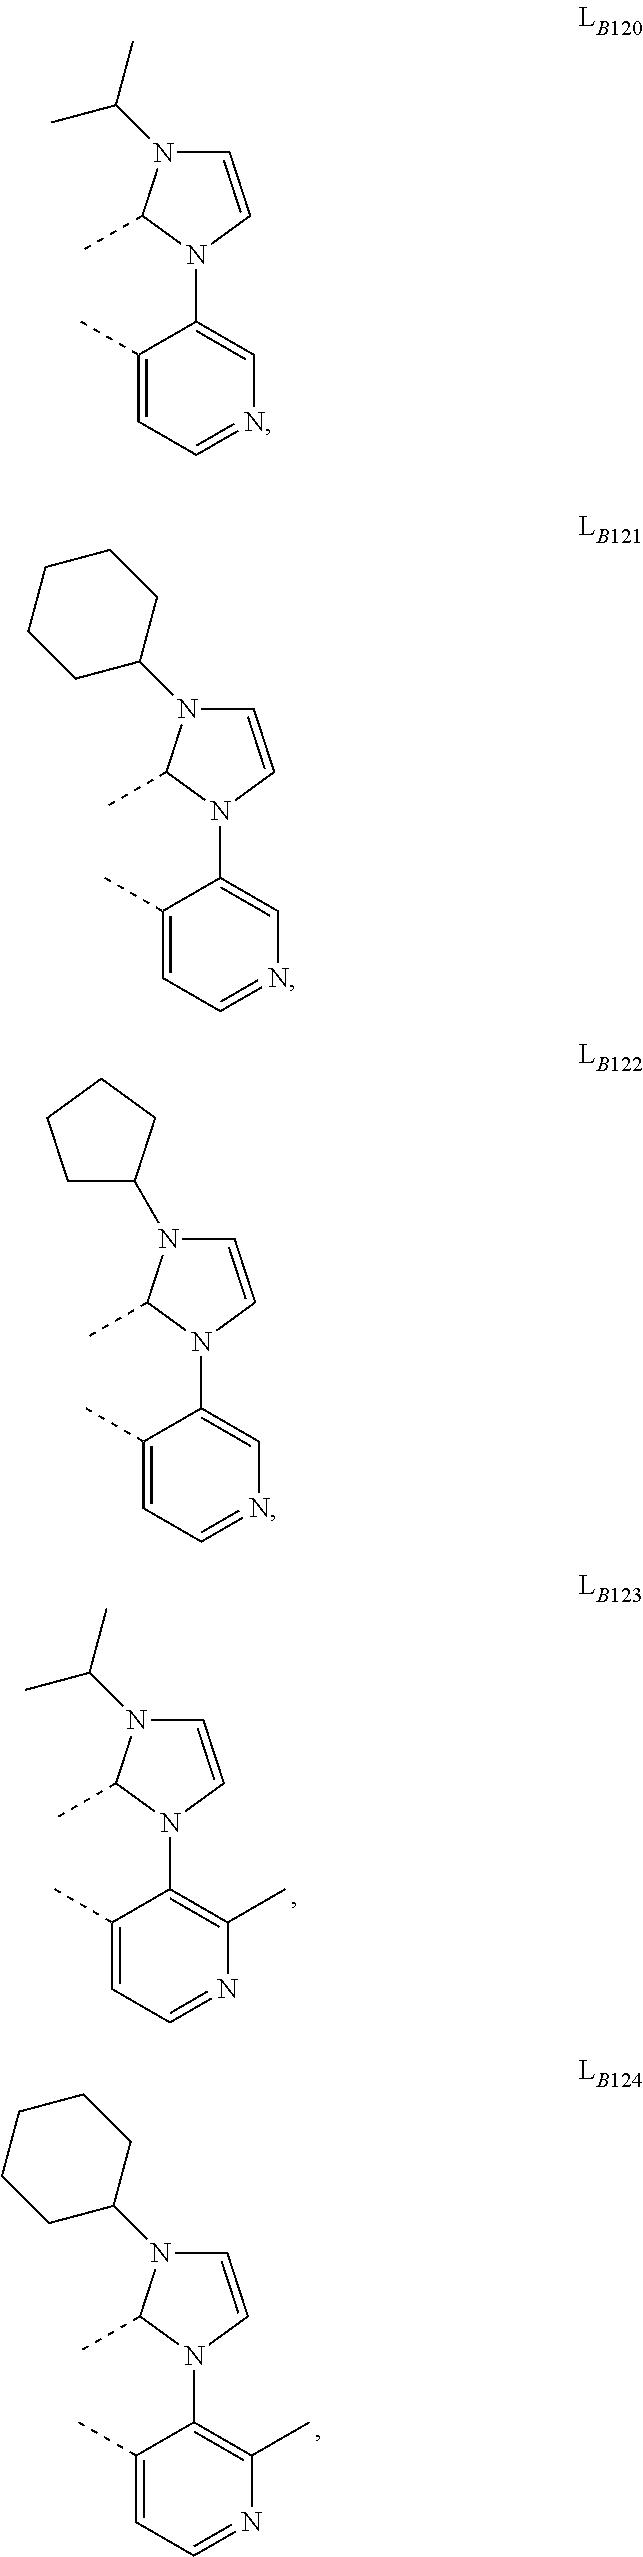 Figure US09905785-20180227-C00524